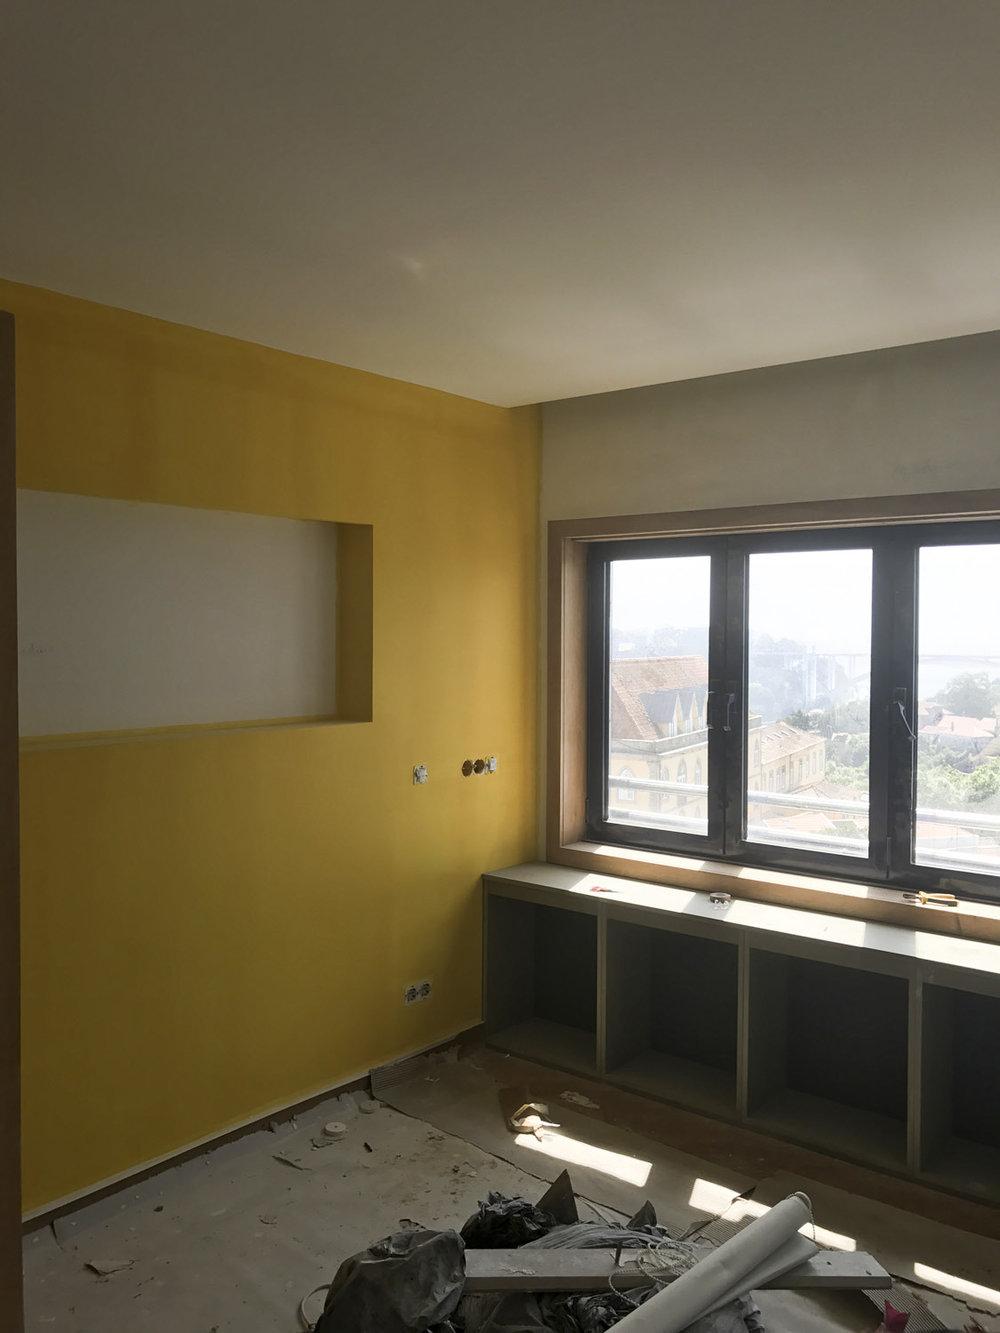 Apartamento Azul Farol - Porto - EVA evolutionary architecture - EVA atelier - Arquitecto - Remodelação (23).jpg